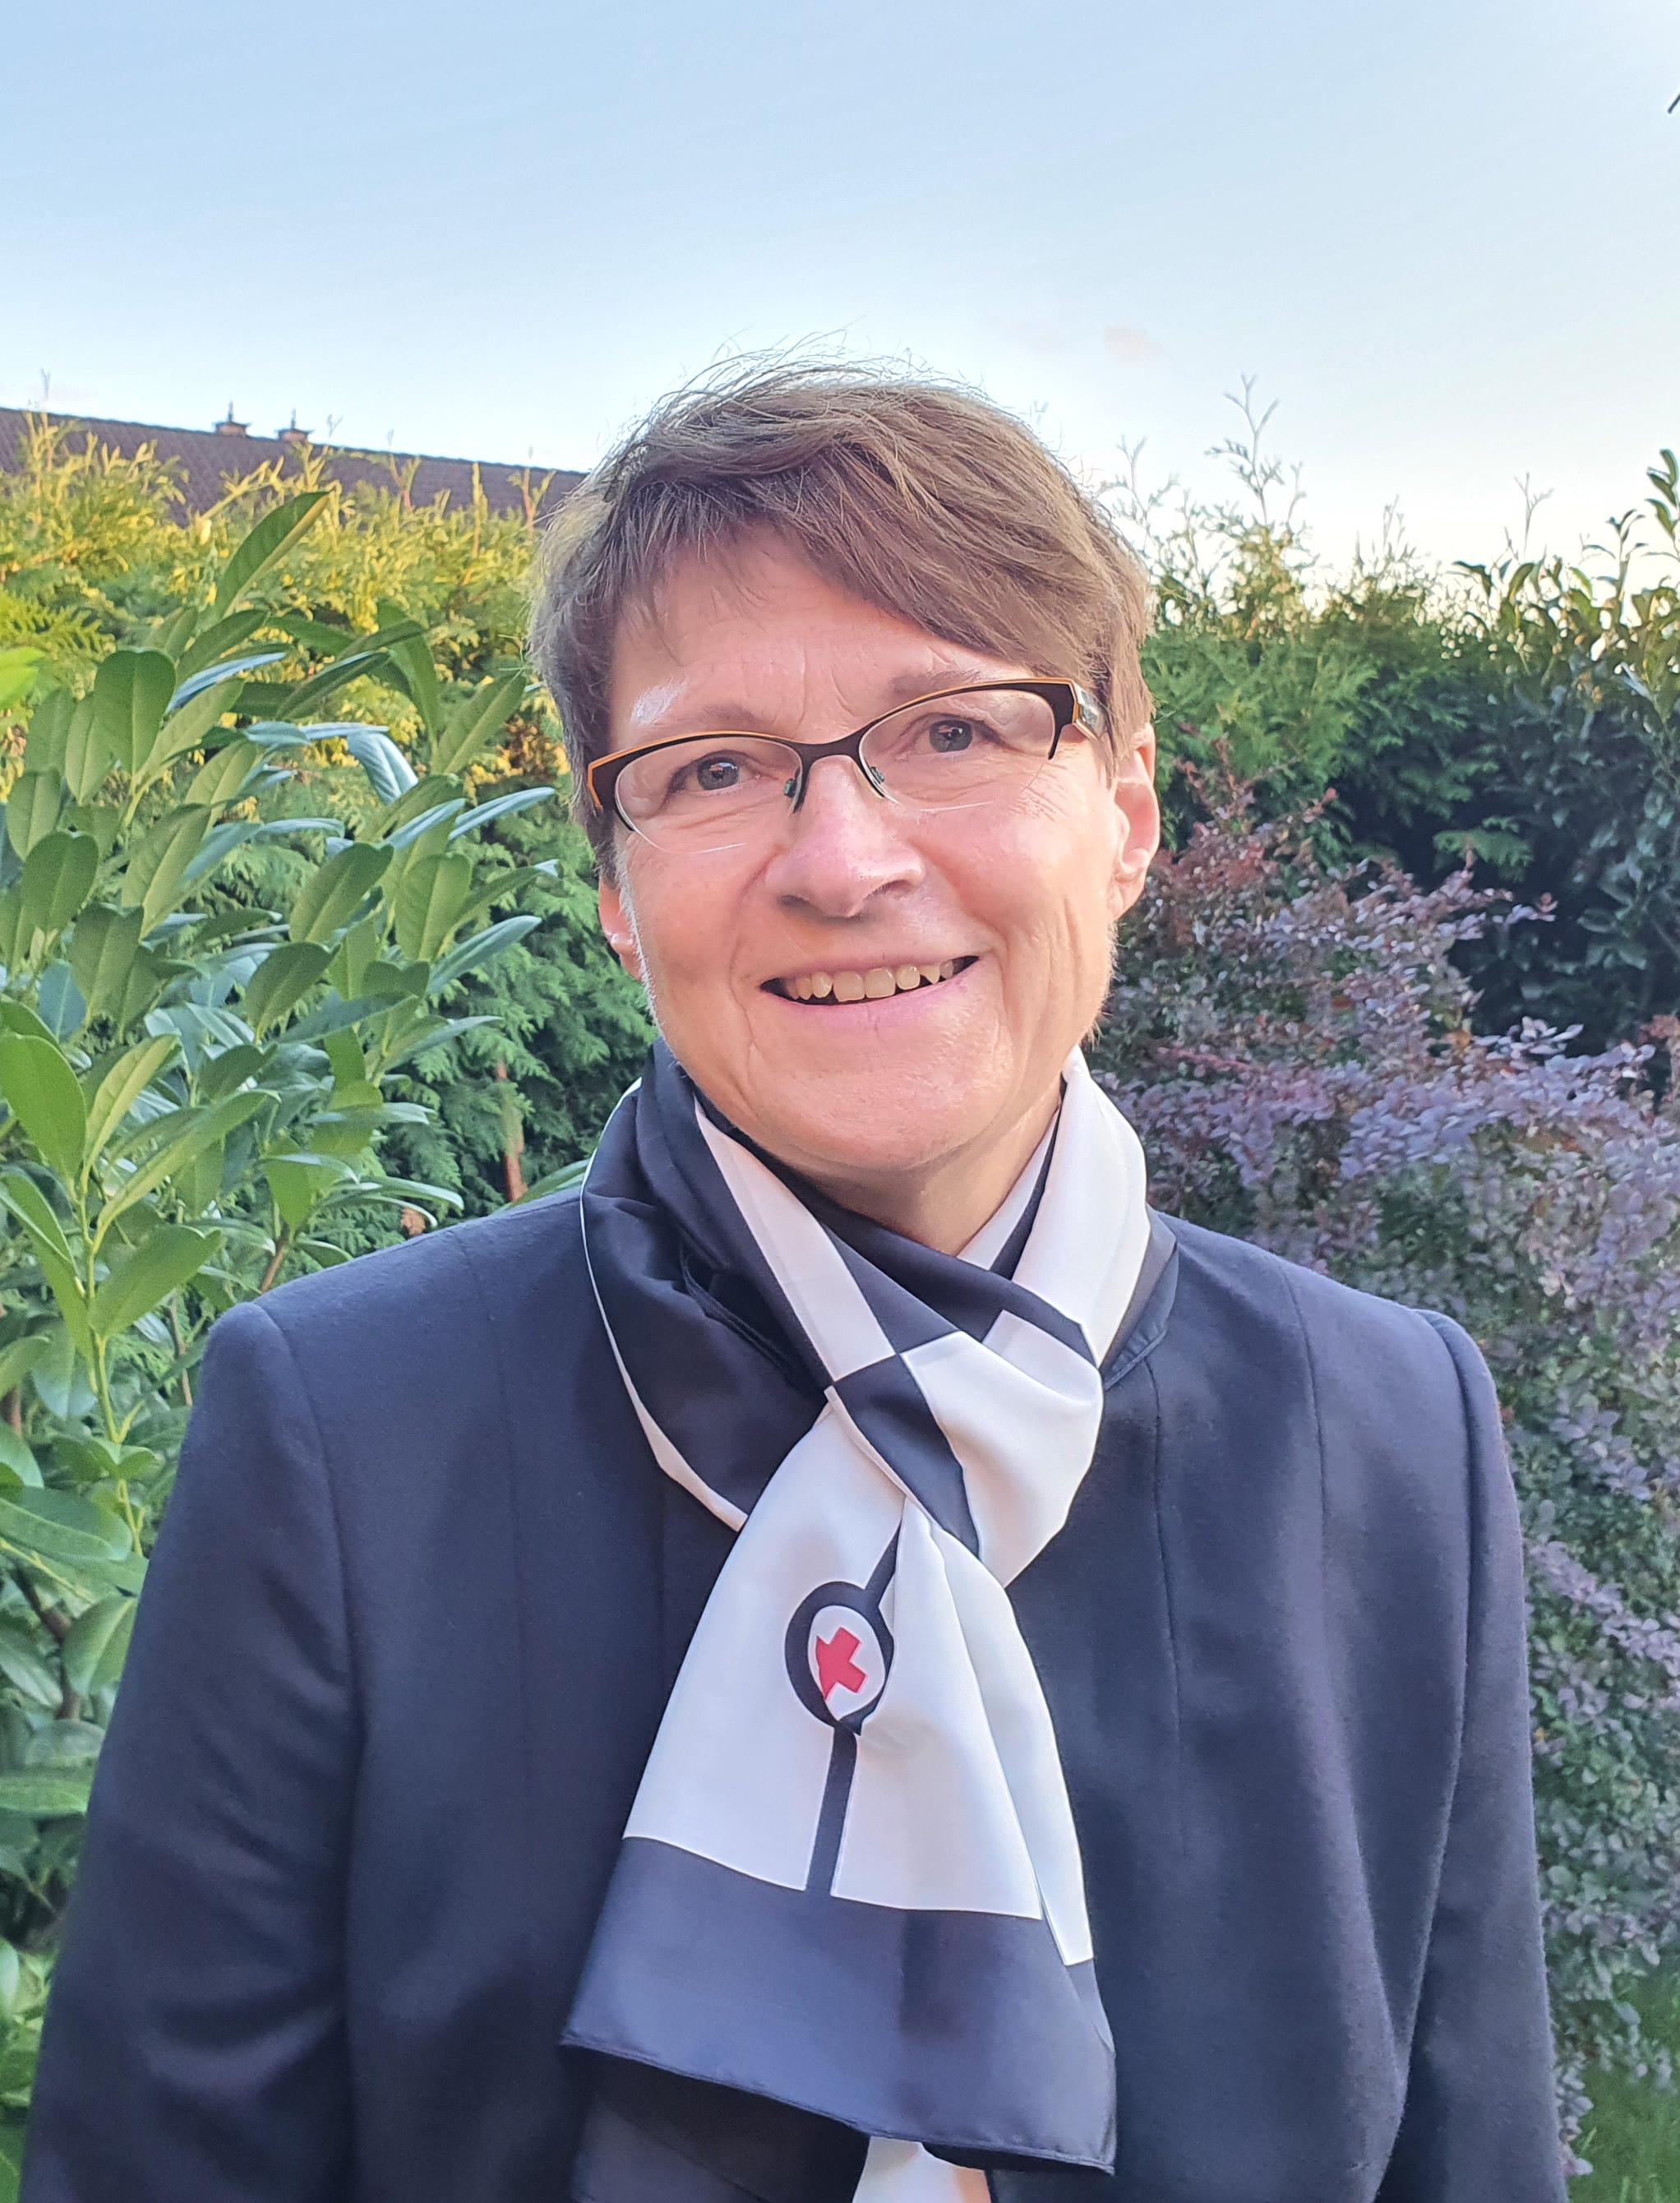 Bernadett Lietz-Kossel, Pflegedienstleitung Alten- und Pflegeheinm, DRK Augusta-Schwesternschaft Lüneburg e.V.